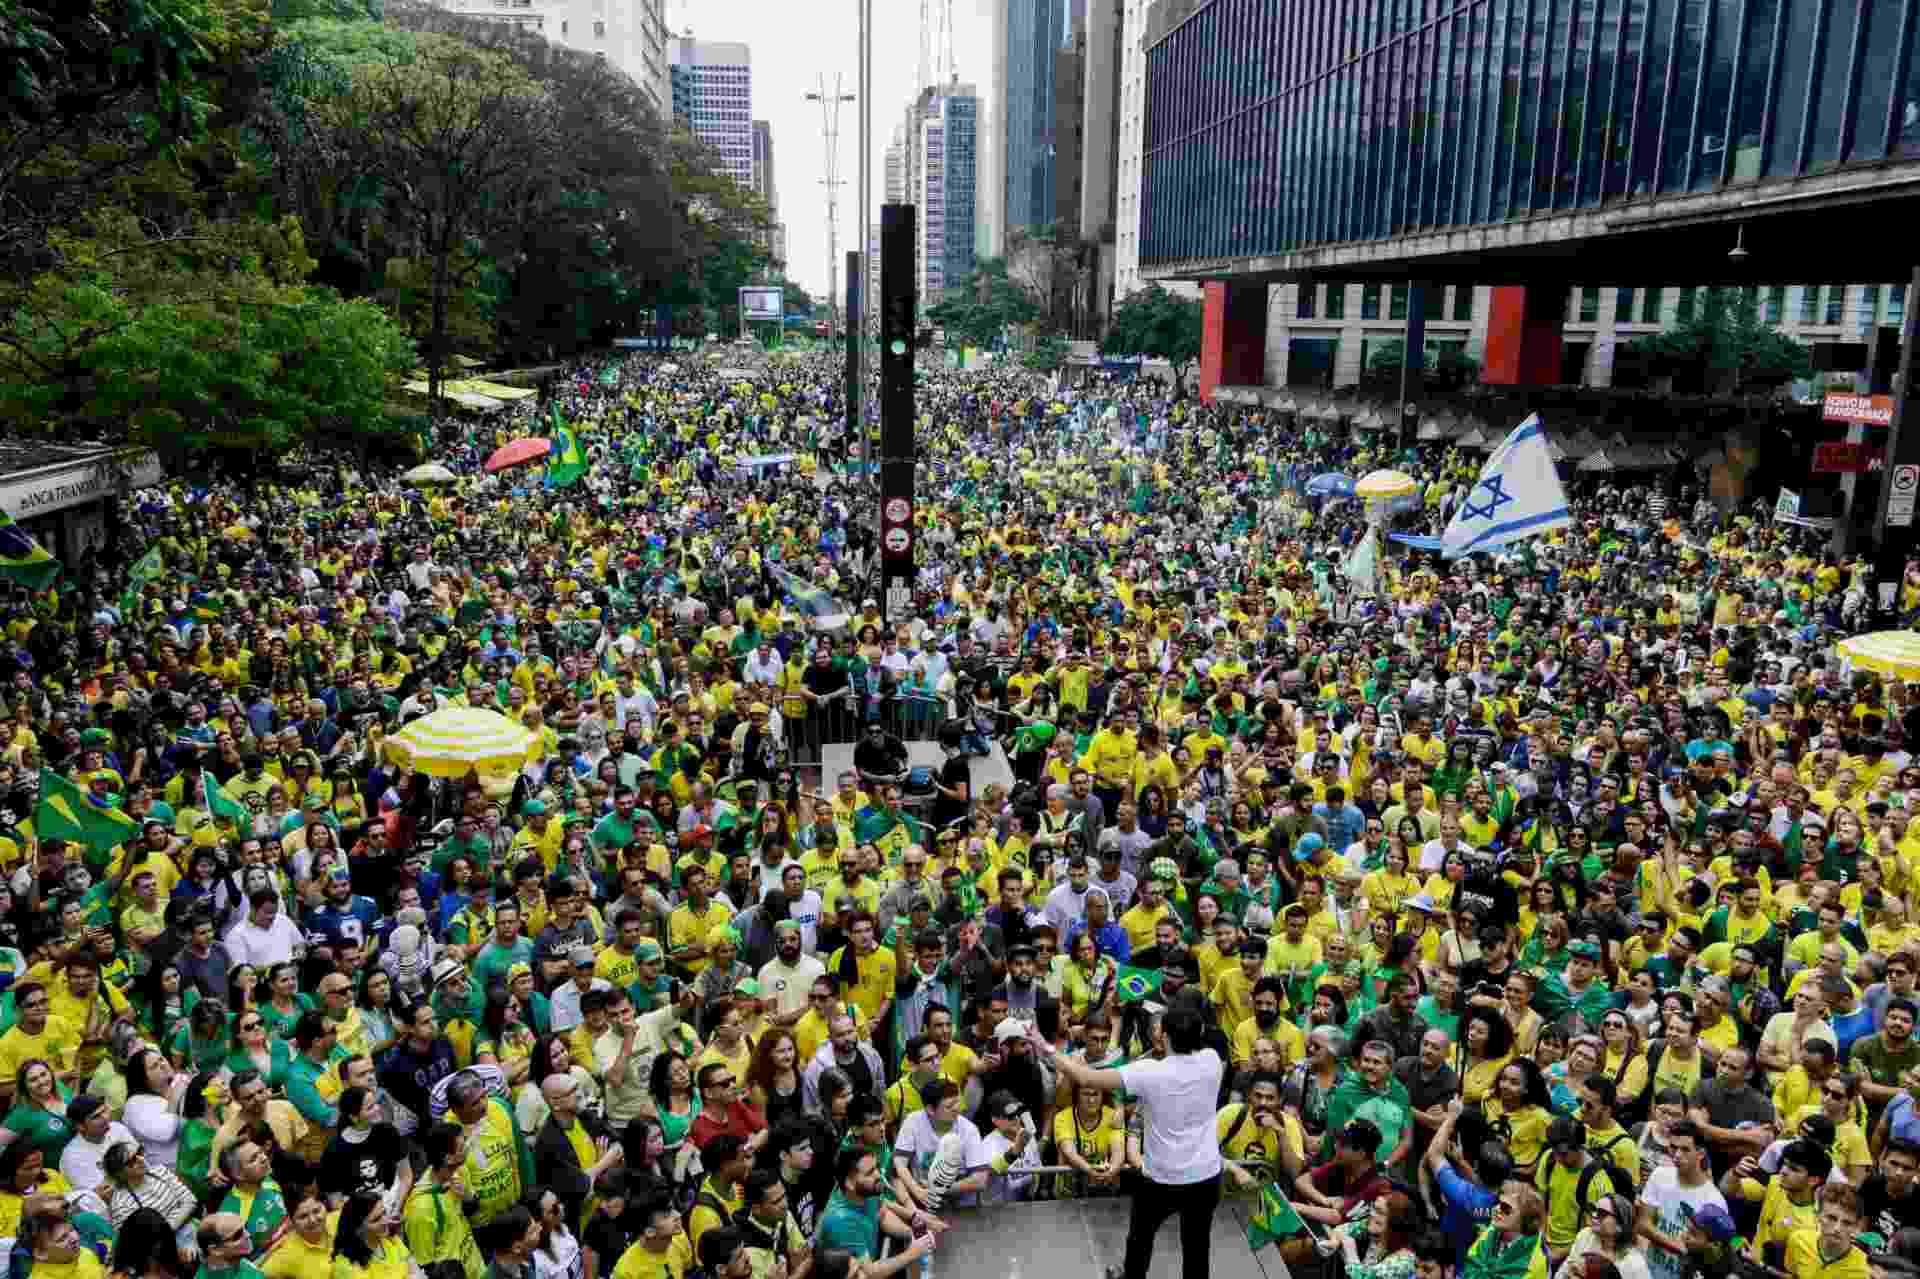 21.out.2018 - Apoiadores de Jair Bolsonaro (PSL) realizam ato na avenida Paulista, região central de São Paulo, no domingo (21) - Aloisio Mauricio/Fotoarena/Estadão Conteúdo